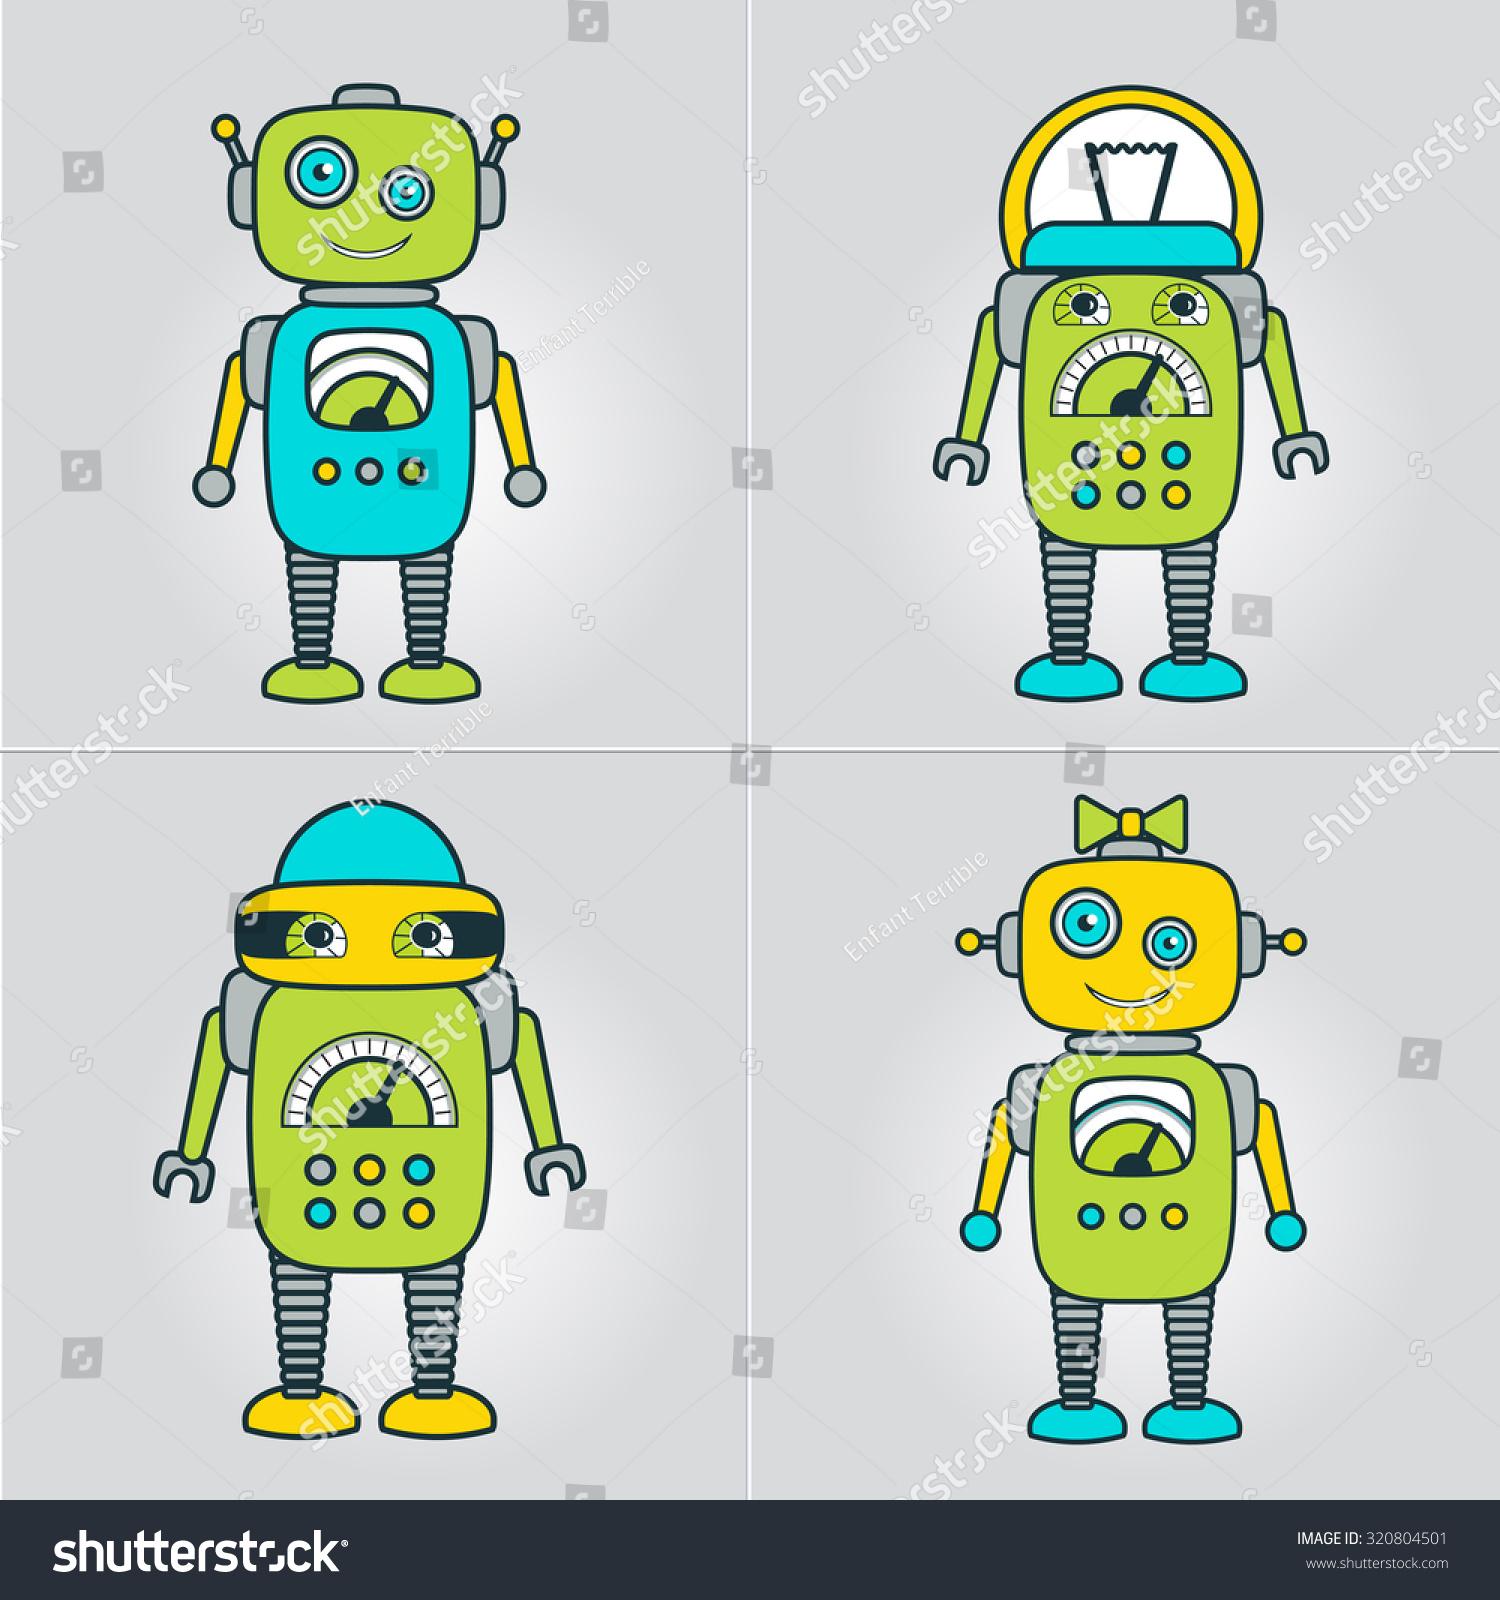 Cute Robot Cartoon Character Educational Flat Stock Vector ...